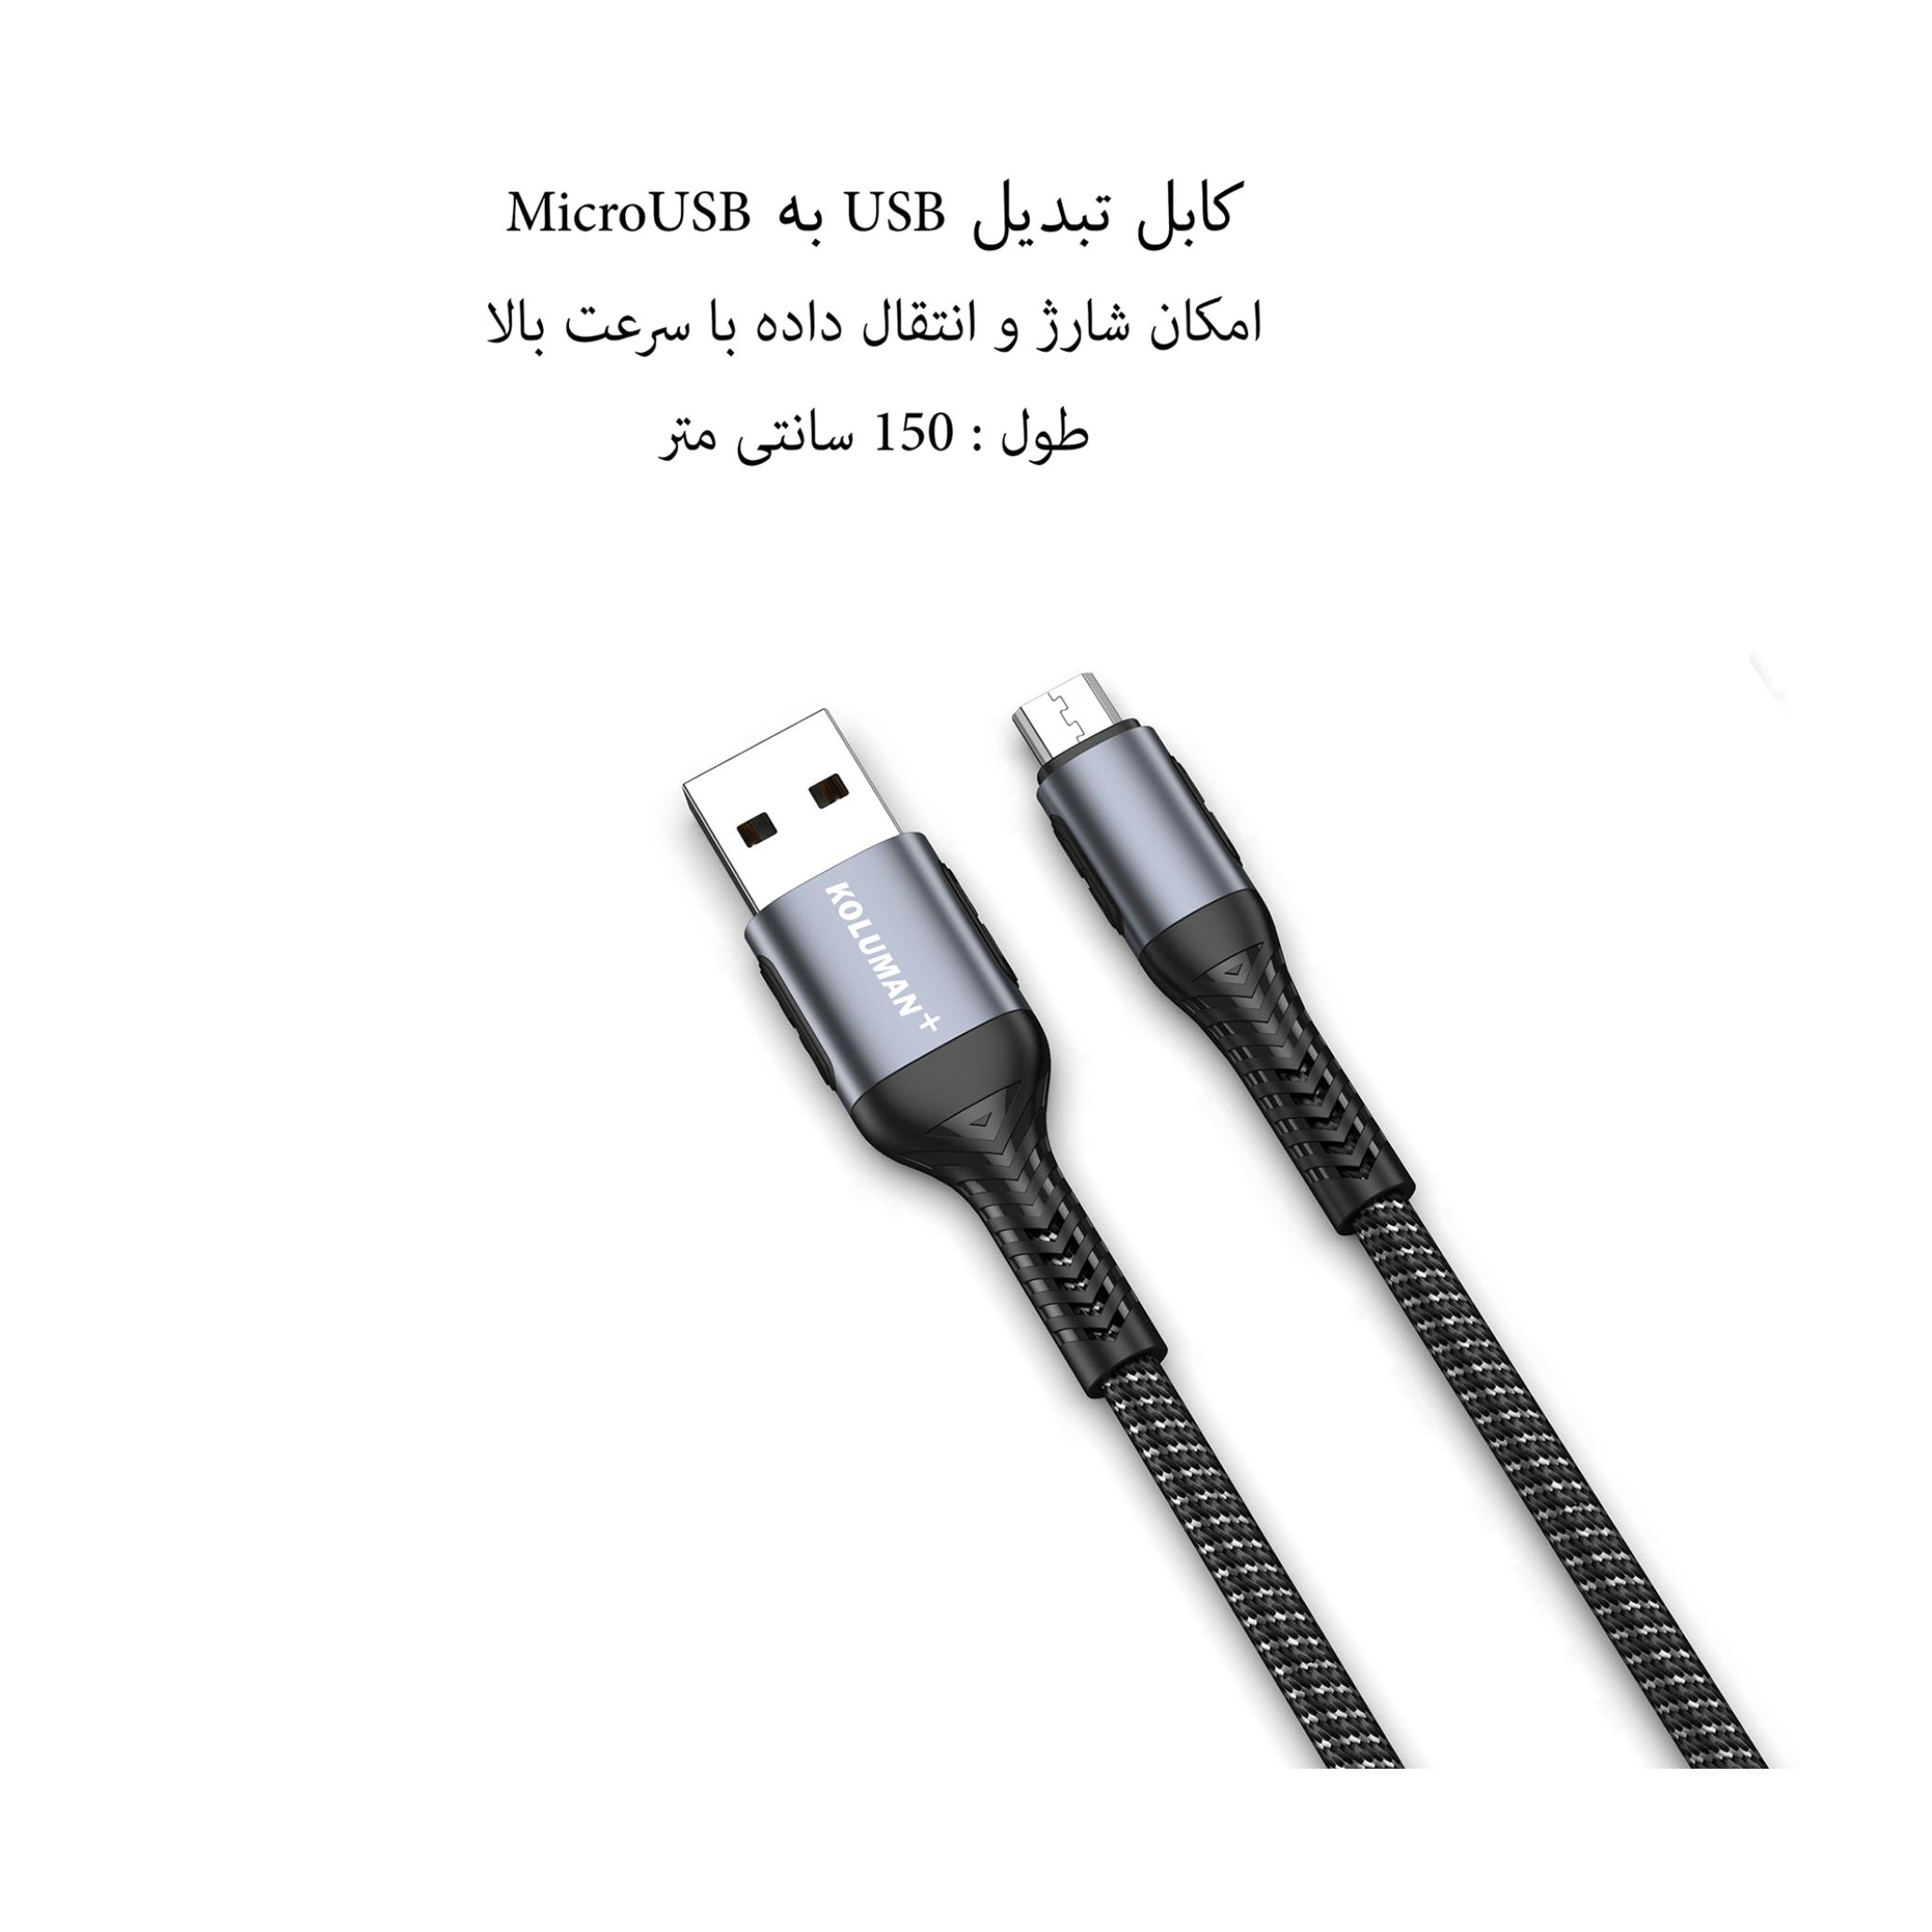 کابل تبدیل USB به microUSB کلومن پلاس